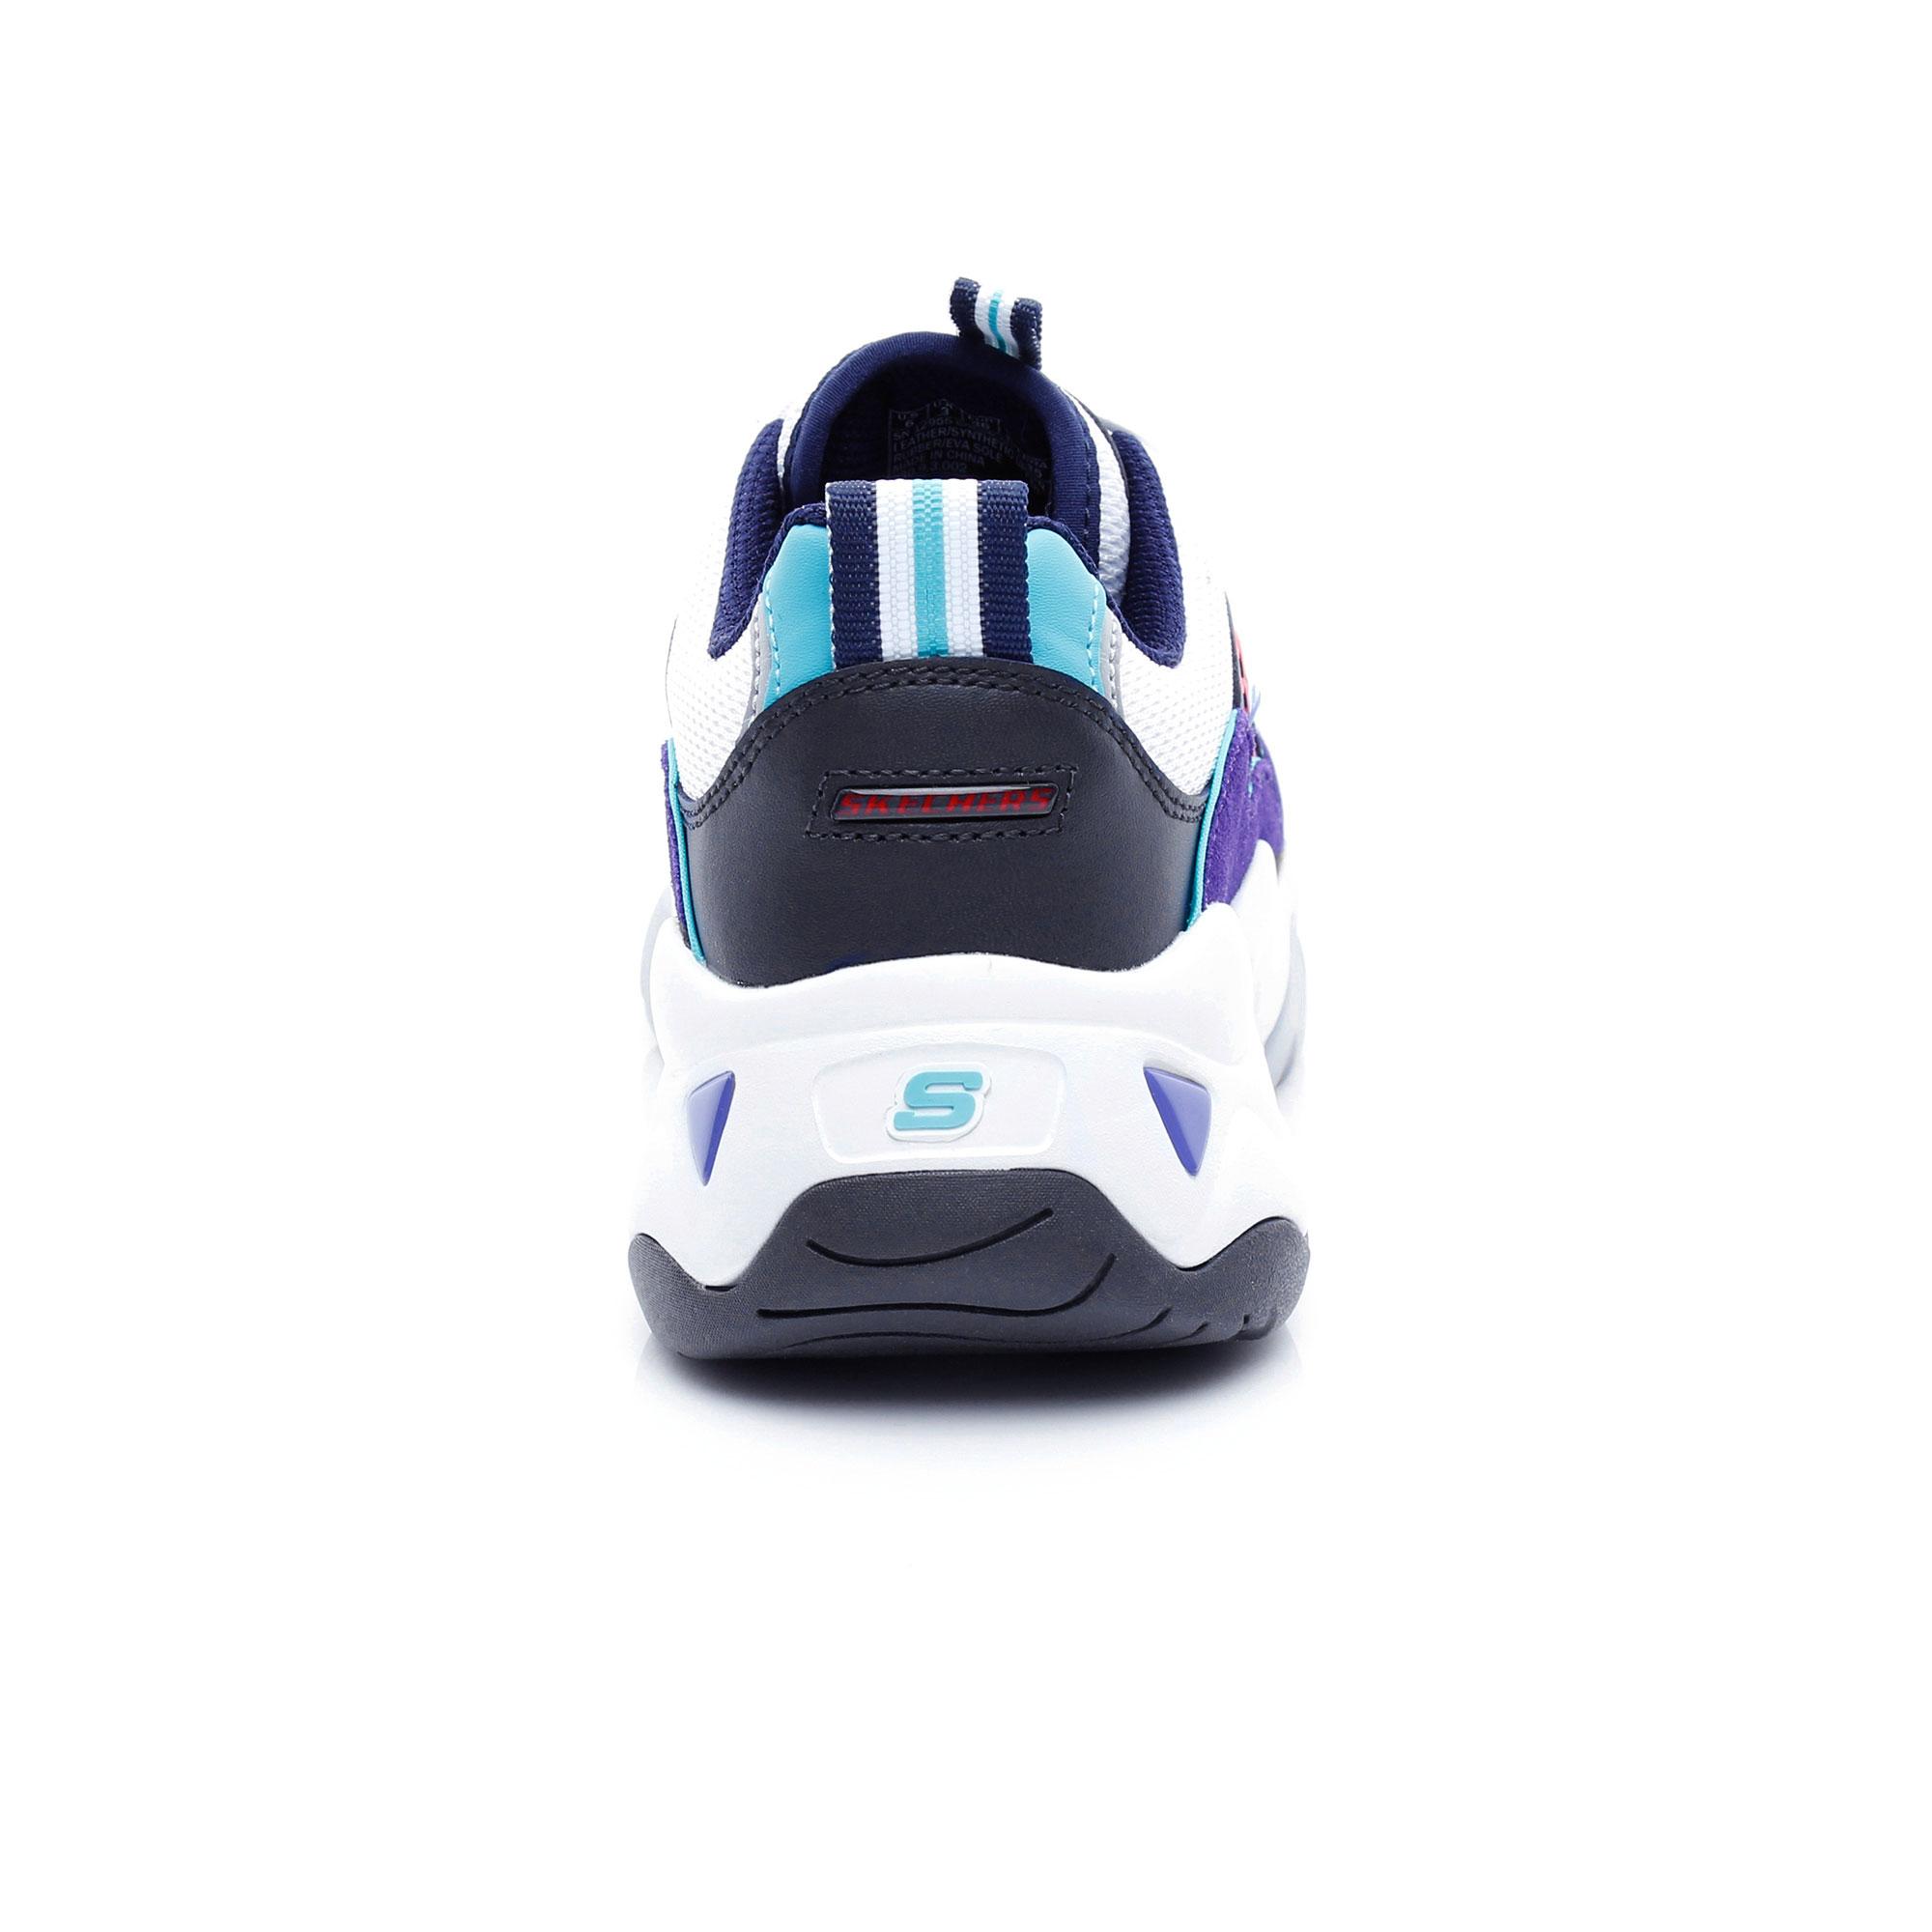 Skechers D'Lites 3.0 Zenway Kadın Lacivert Mor Spor Ayakkabı